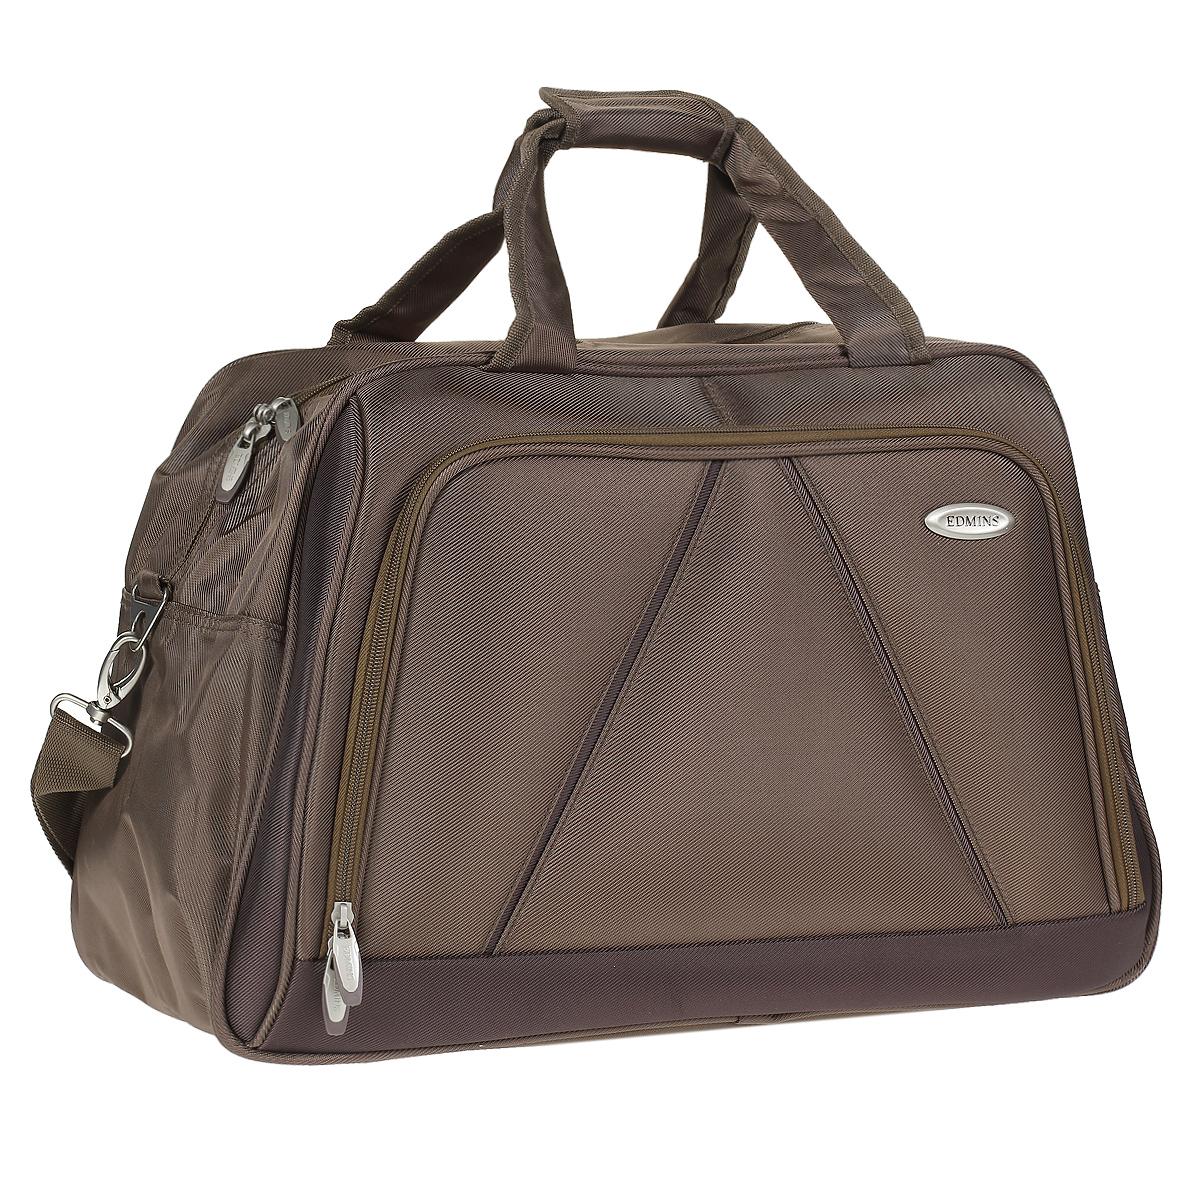 Сумка дорожная Edmins, цвет: бронза. 243 CV243 CV 420*5Стильная дорожная сумка Edmins выполнена из плотного полиэстера бронзового цвета. Сумка имеет одно вместительное отделение, закрывающееся на застежку-молнию. Сумка снабжена механическим замком с двумя ключами. Внутри содержится вшитый карман на молнии и перегородка. На лицевой стороне расположен накладной карман на молнии. На задней стенке - карман для мелочей на липучке. Сумка оснащена двумя удобными ручками и отстегивающимся плечевым ремнем регулируемой длины. На дне - пластиковые ножки. Фурнитура - серебристого цвета. Функциональная и вместительная, такая сумка поможет не только уместить все необходимые вещи, но и станет модным аксессуаром, который идеально дополнит ваш образ. Может использоваться в качестве ручной клади. Характеристики: Материал: полиэстер, металл, пластик. Размер сумки: 50 см х 30 см х 25 см. Цвет: бронза. Высота ручек: 20 см. Длина плечевого ремня (регулируется): 75 см. Максимальная нагрузка: 7 кг.